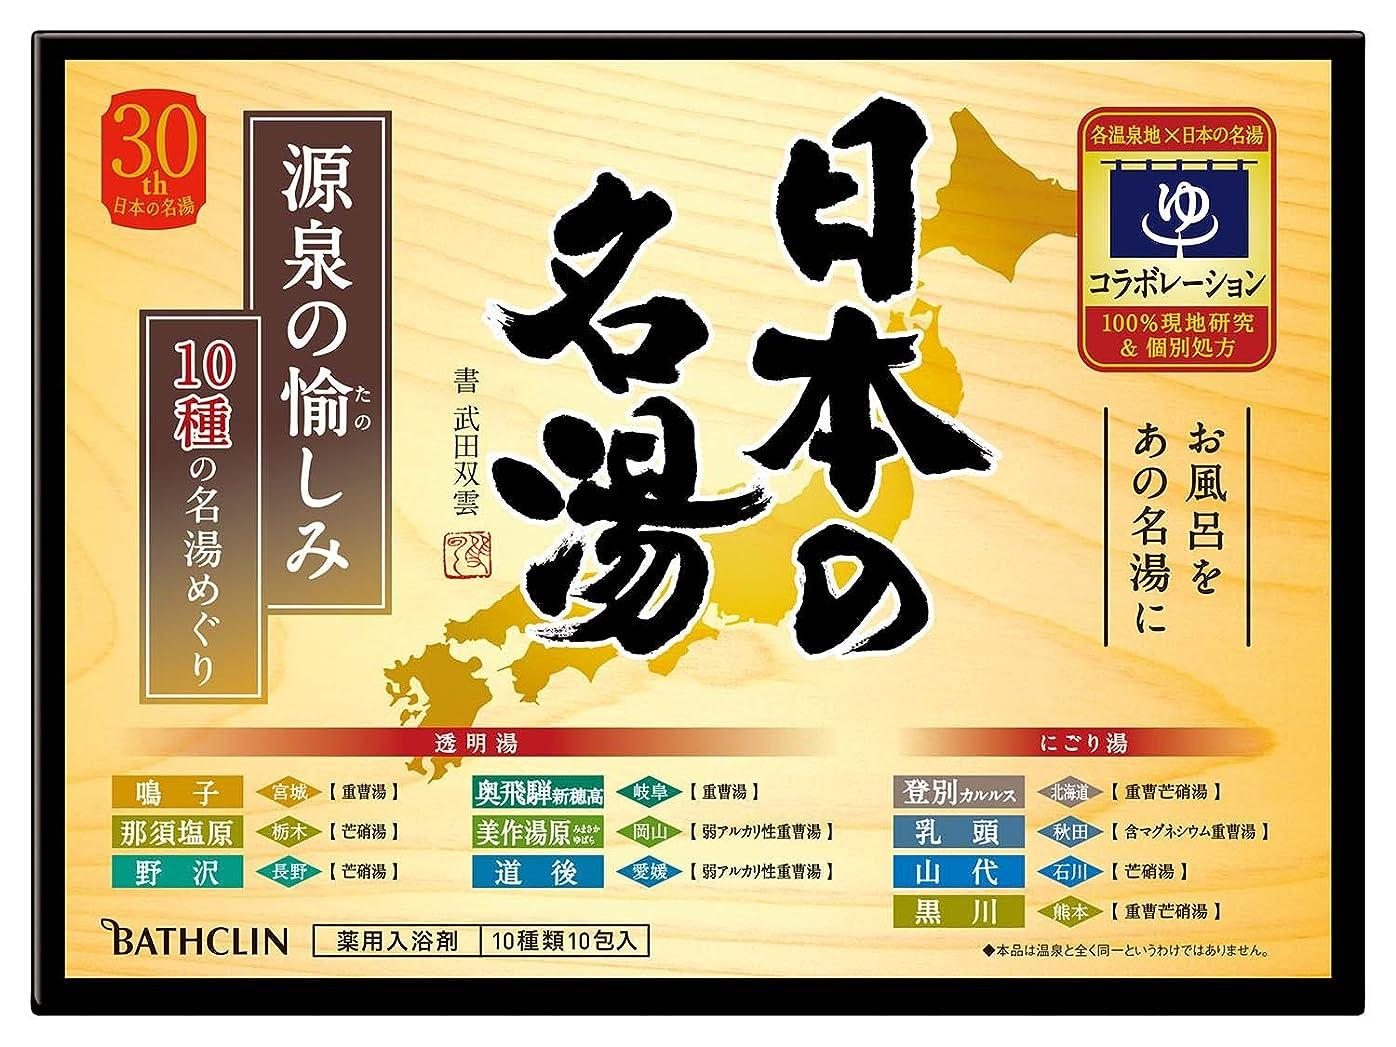 彼の泣き叫ぶ緩める【医薬部外品】日本の名湯入浴剤 源泉の愉しみ 30g ×10包 個包装 詰め合わせ 温泉タイプ